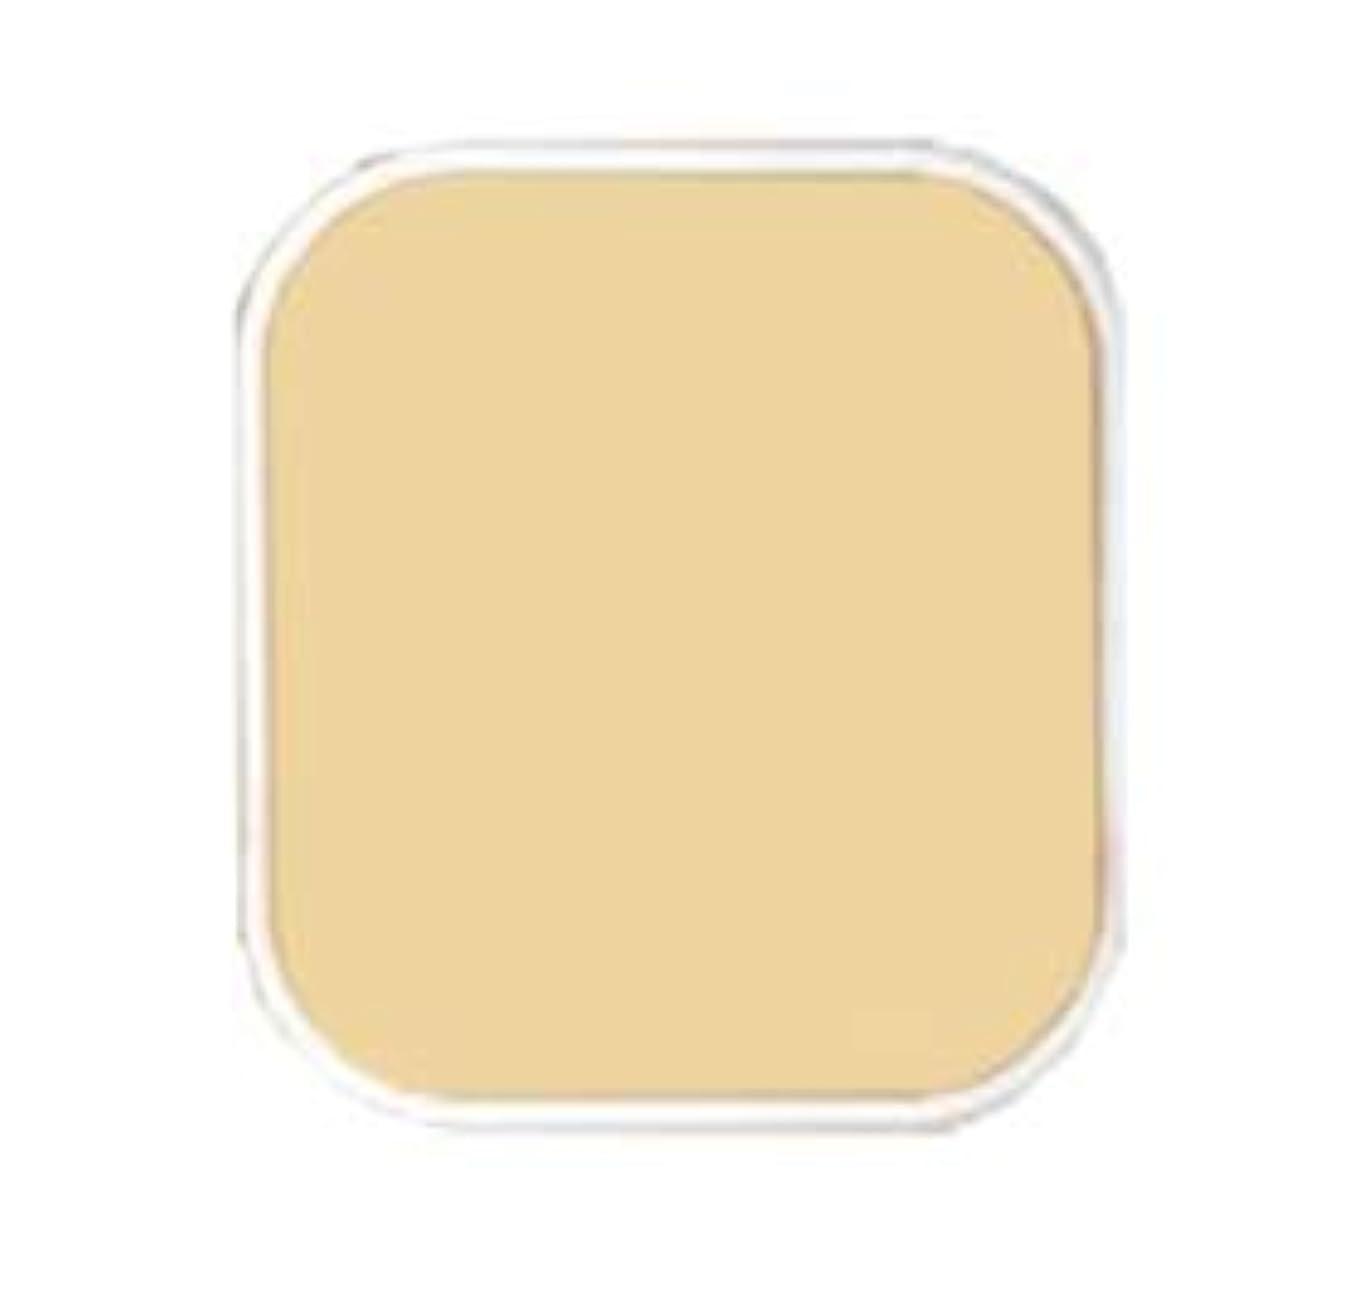 溶融服を洗うオーバードローアクセーヌ クリーミィファンデーションPV(リフィル)<O10明るいオークル系>※ケース別売り(11g)